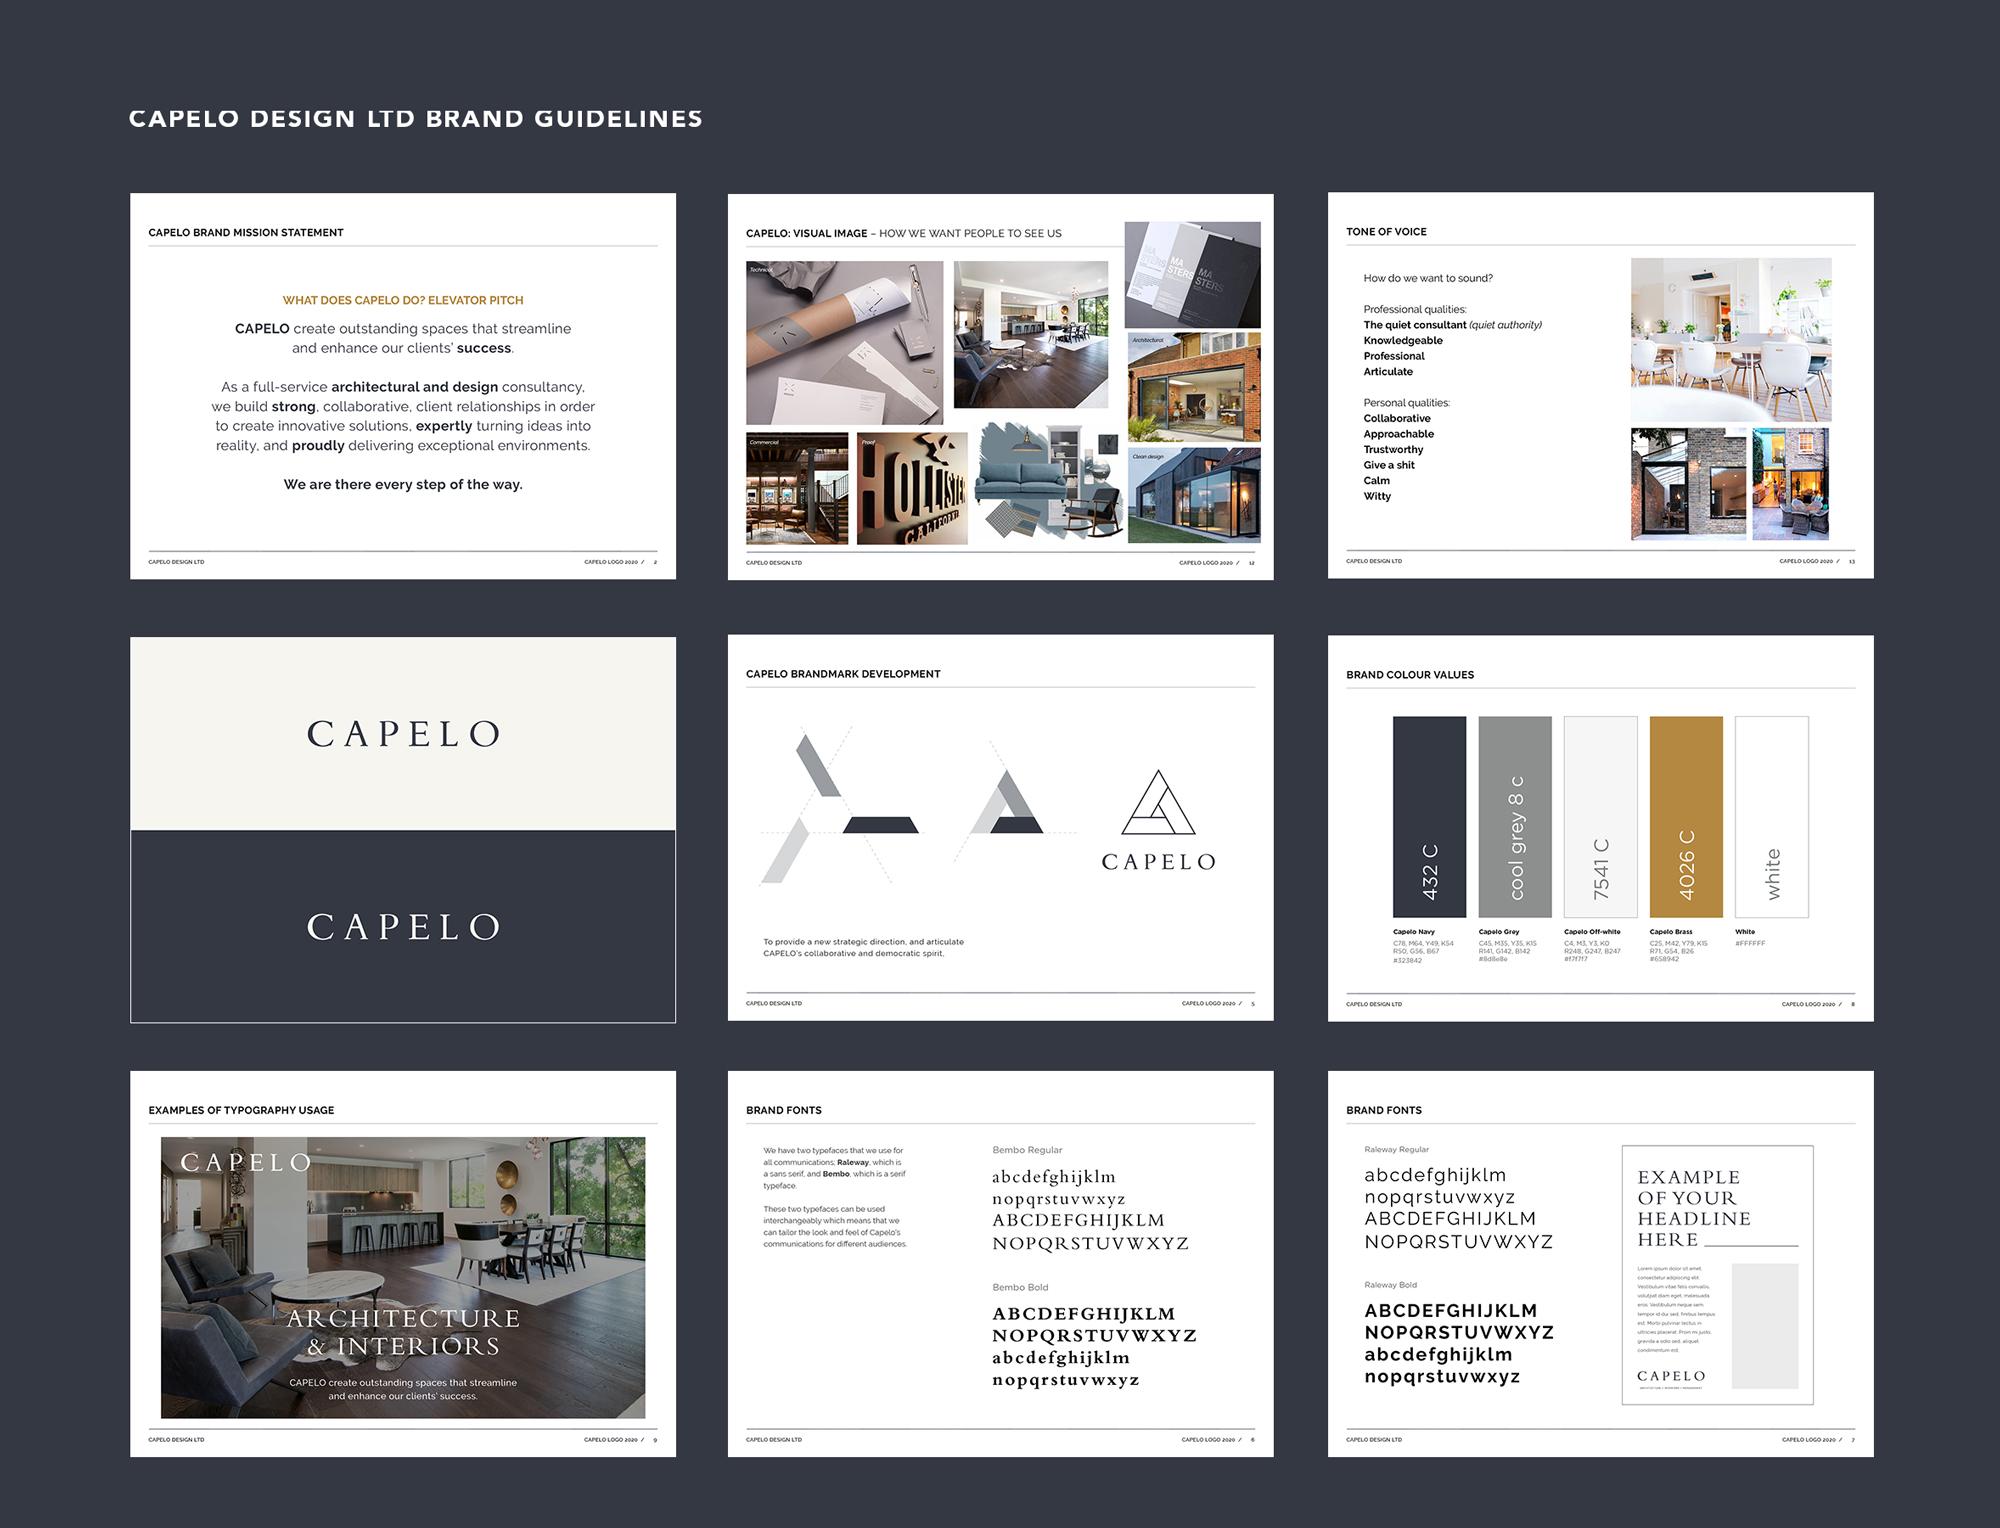 Capelo Design Ltd brand guidelines